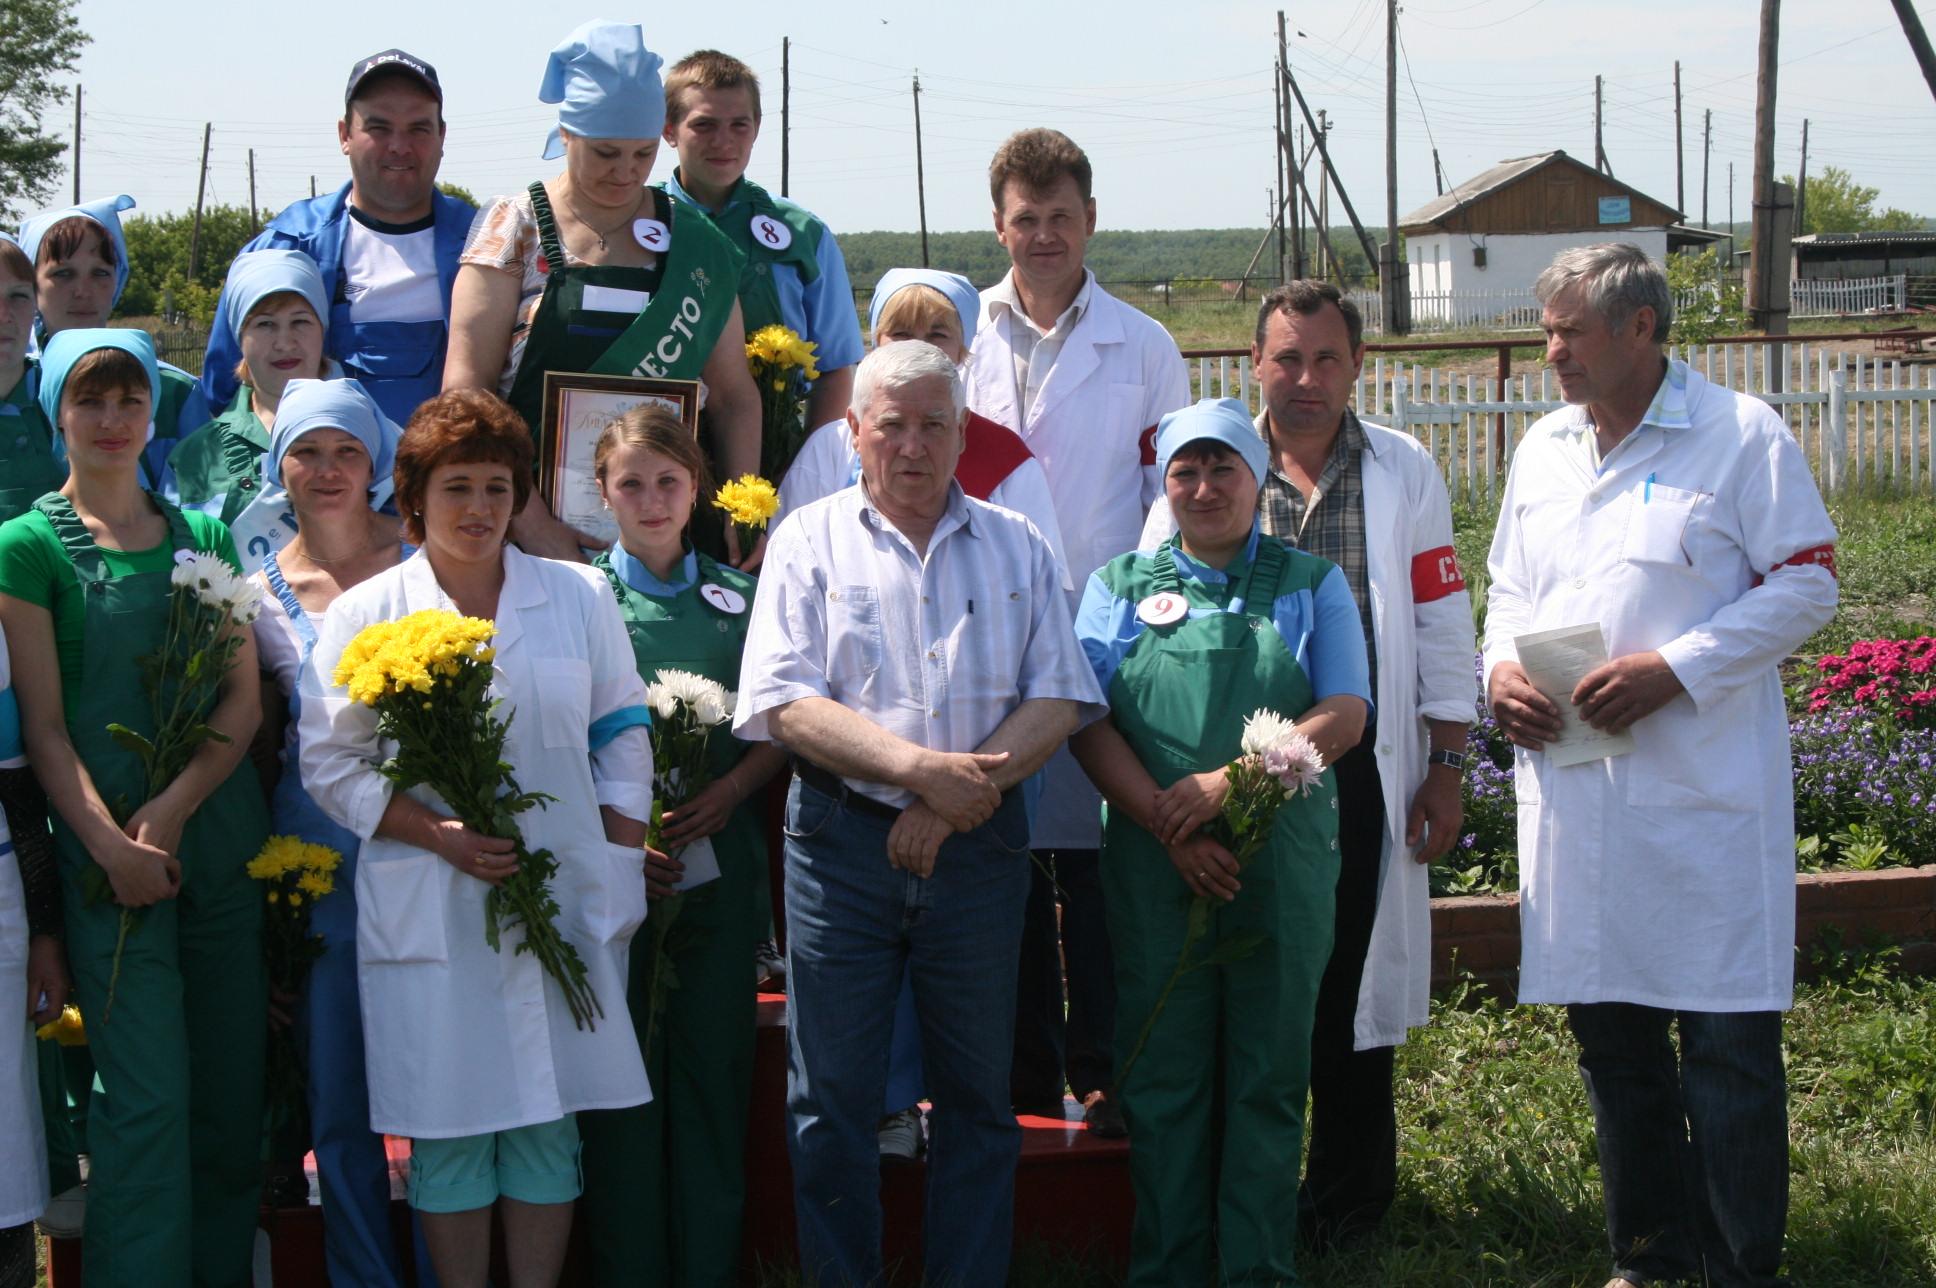 Юрий Бугаков много работал сам и требовал от подчиненных прилежания и эффективности